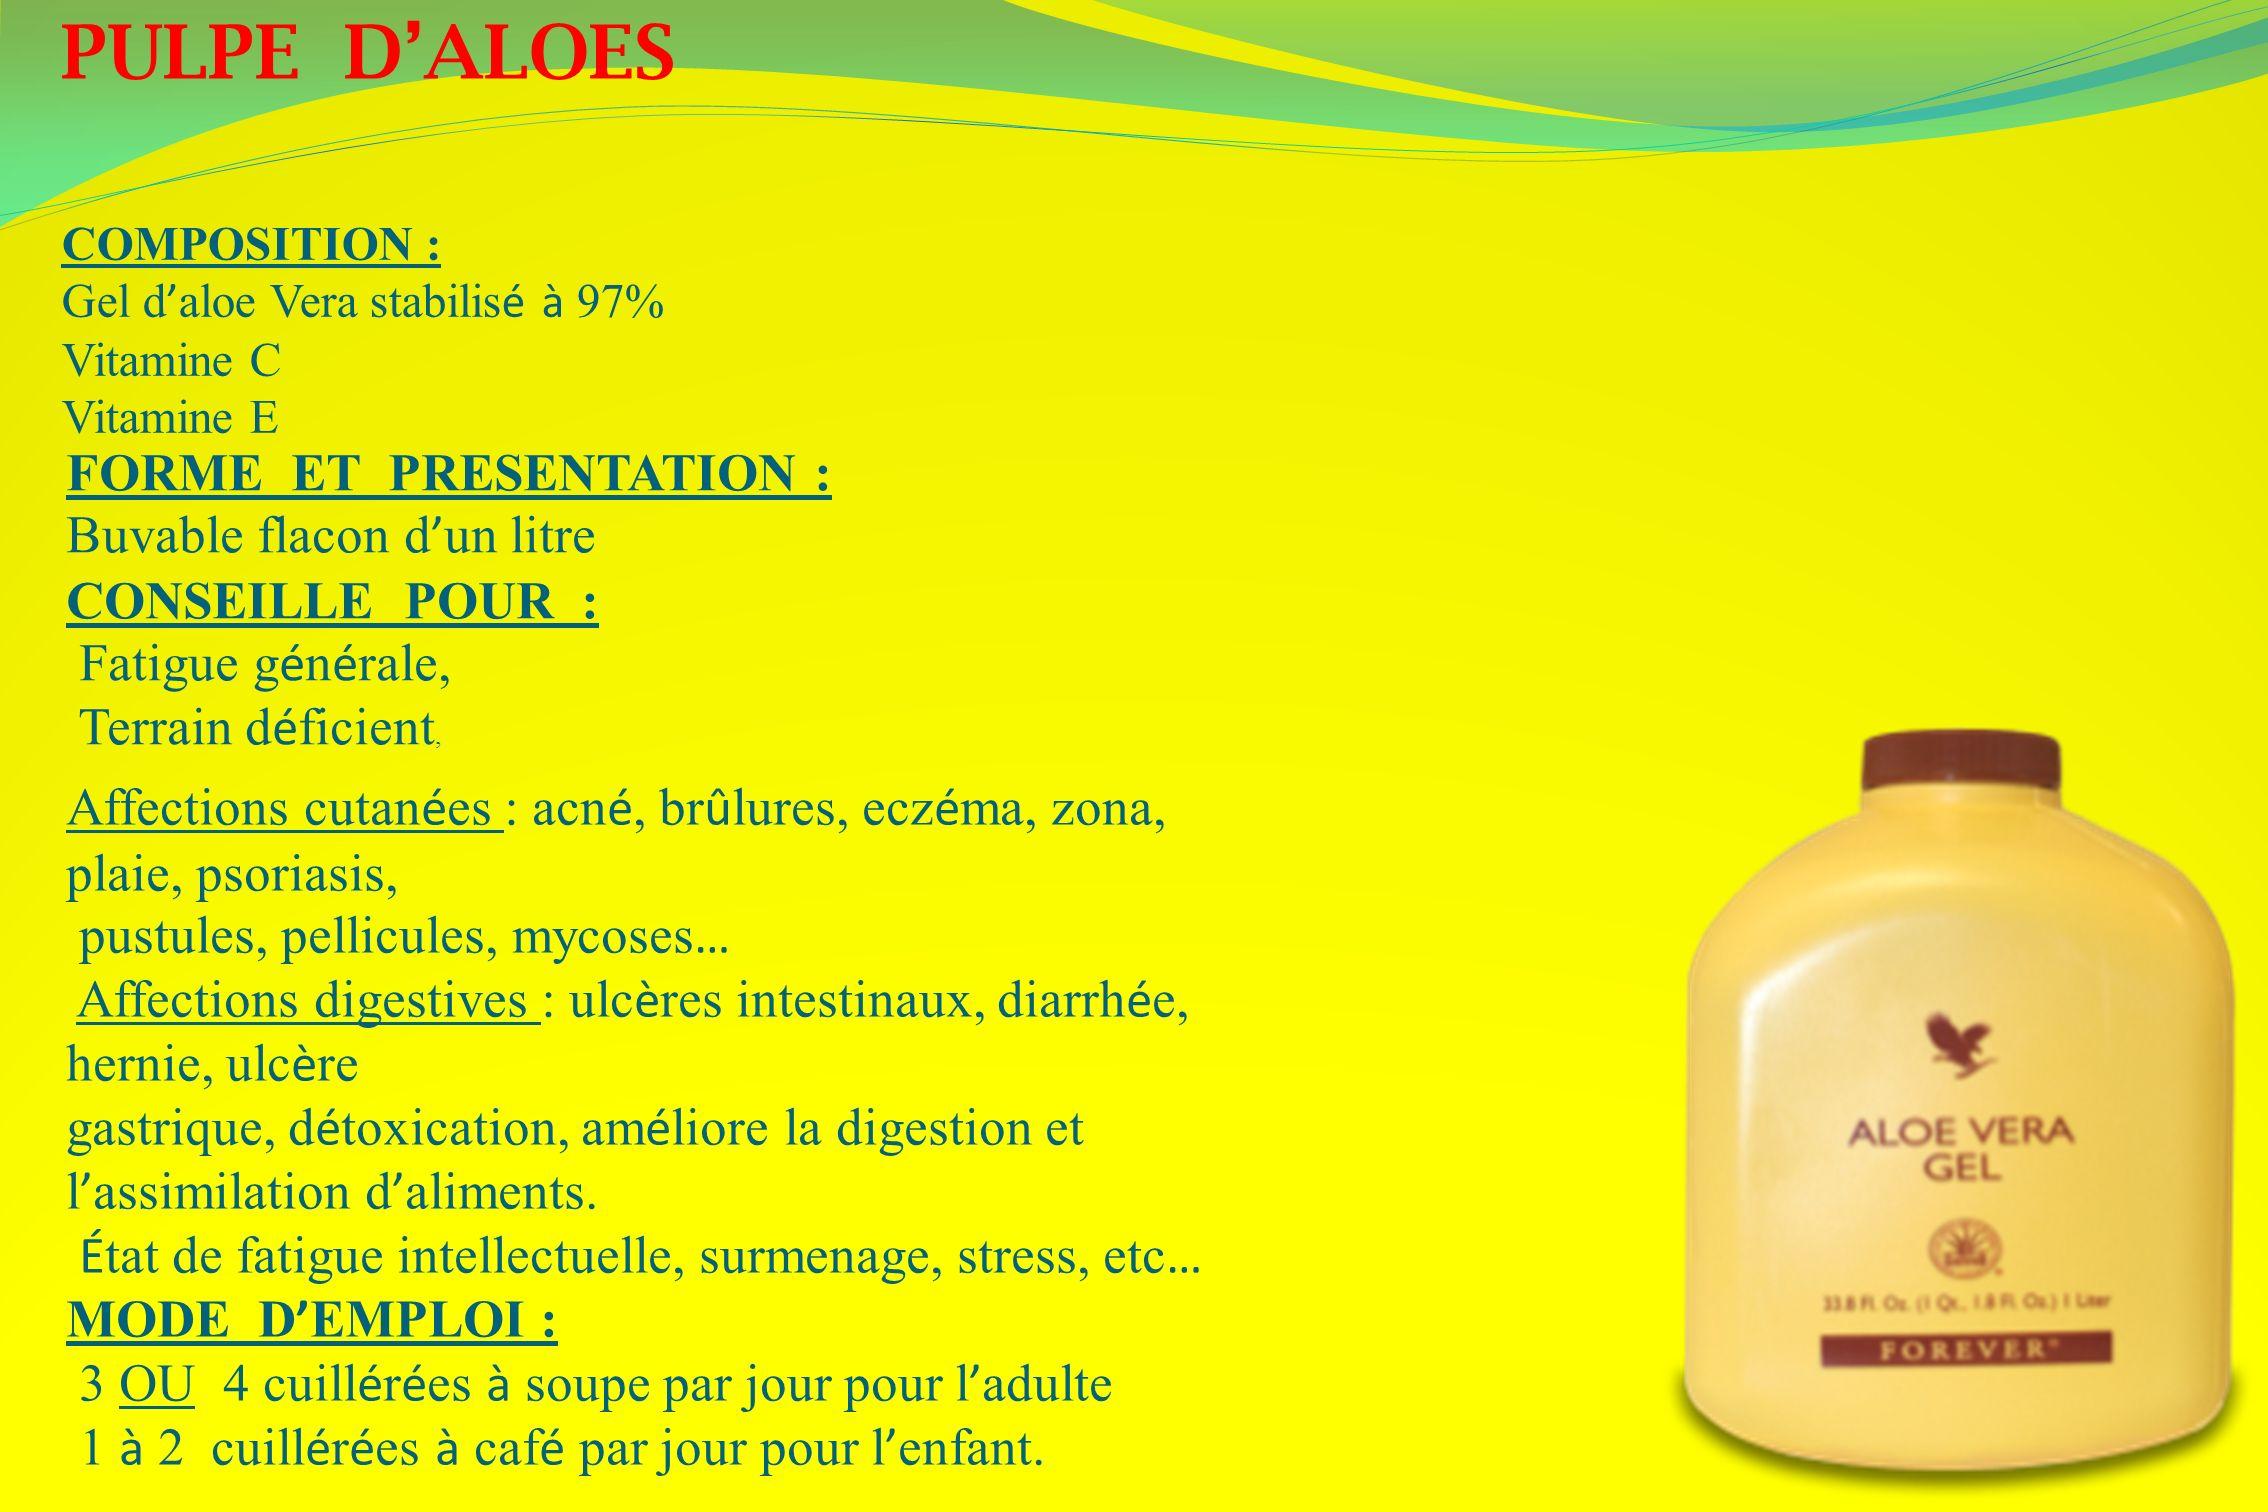 PULPE DALOES COMPOSITION : Gel d aloe Vera stabilis é à 97% Vitamine C Vitamine E FORME ET PRESENTATION : Buvable flacon d un litre CONSEILLE POUR : F